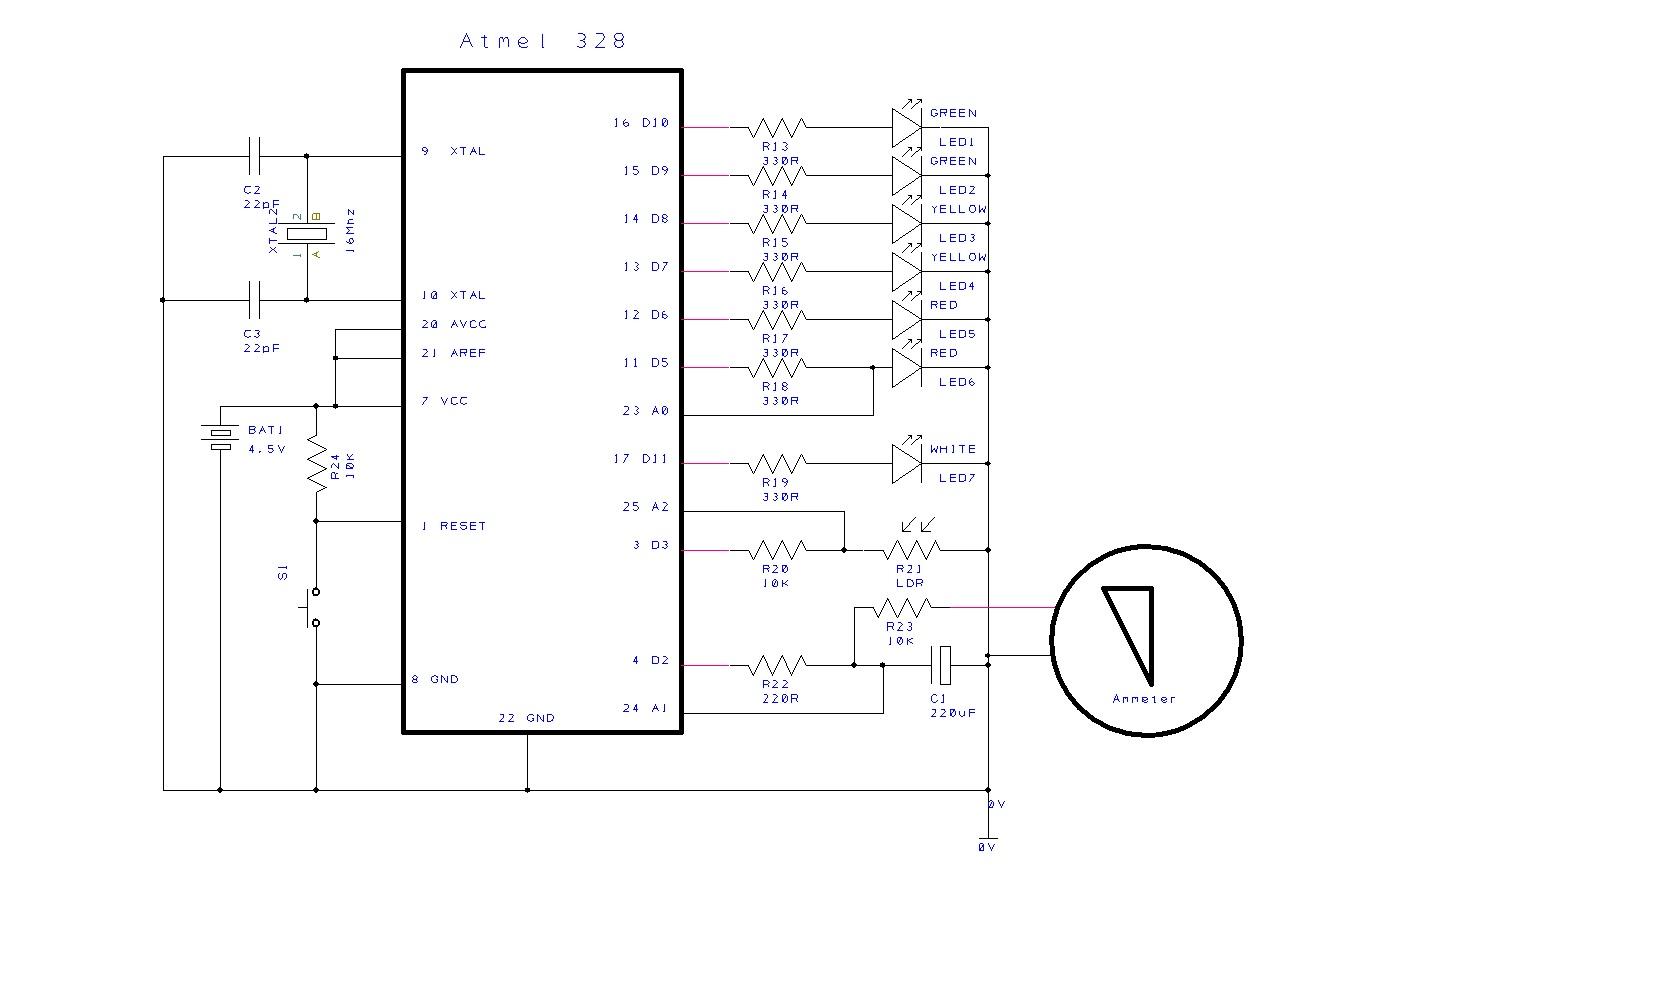 Wall meter schematic rvhaay4ibi